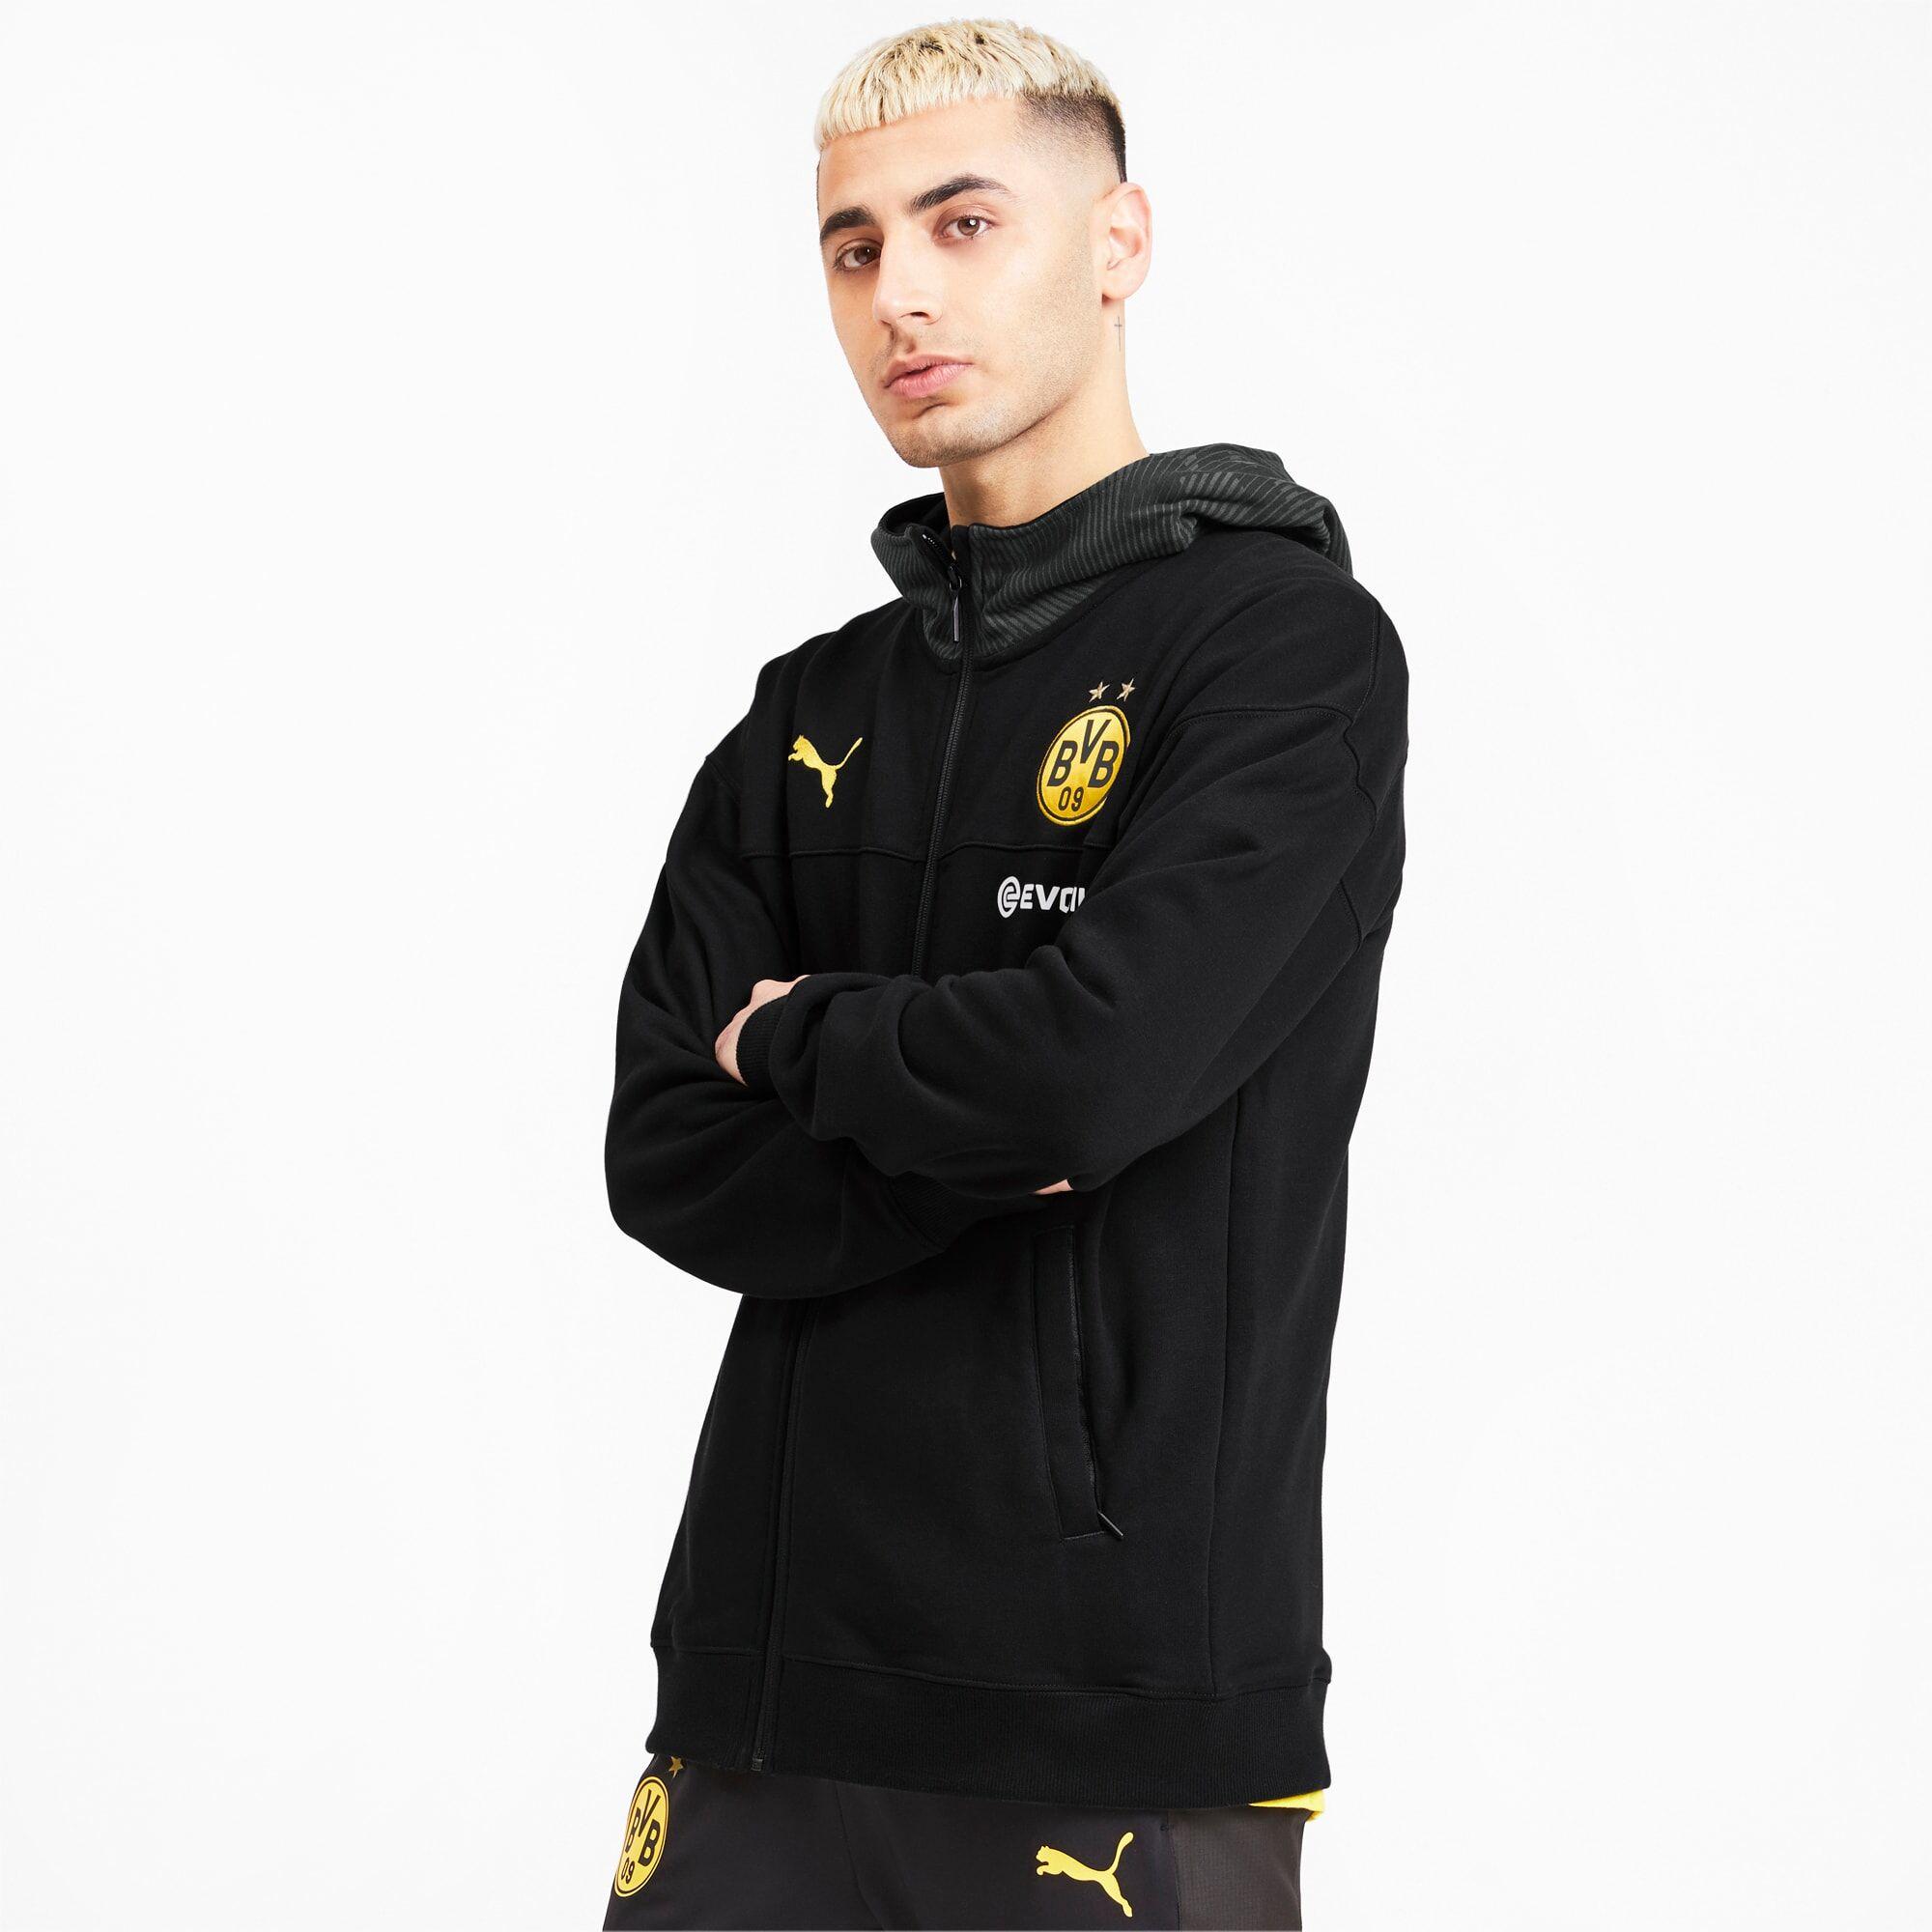 Puma BVB Casuals Men's Jacket,  Black/Phantom Black, size Large, Clothing